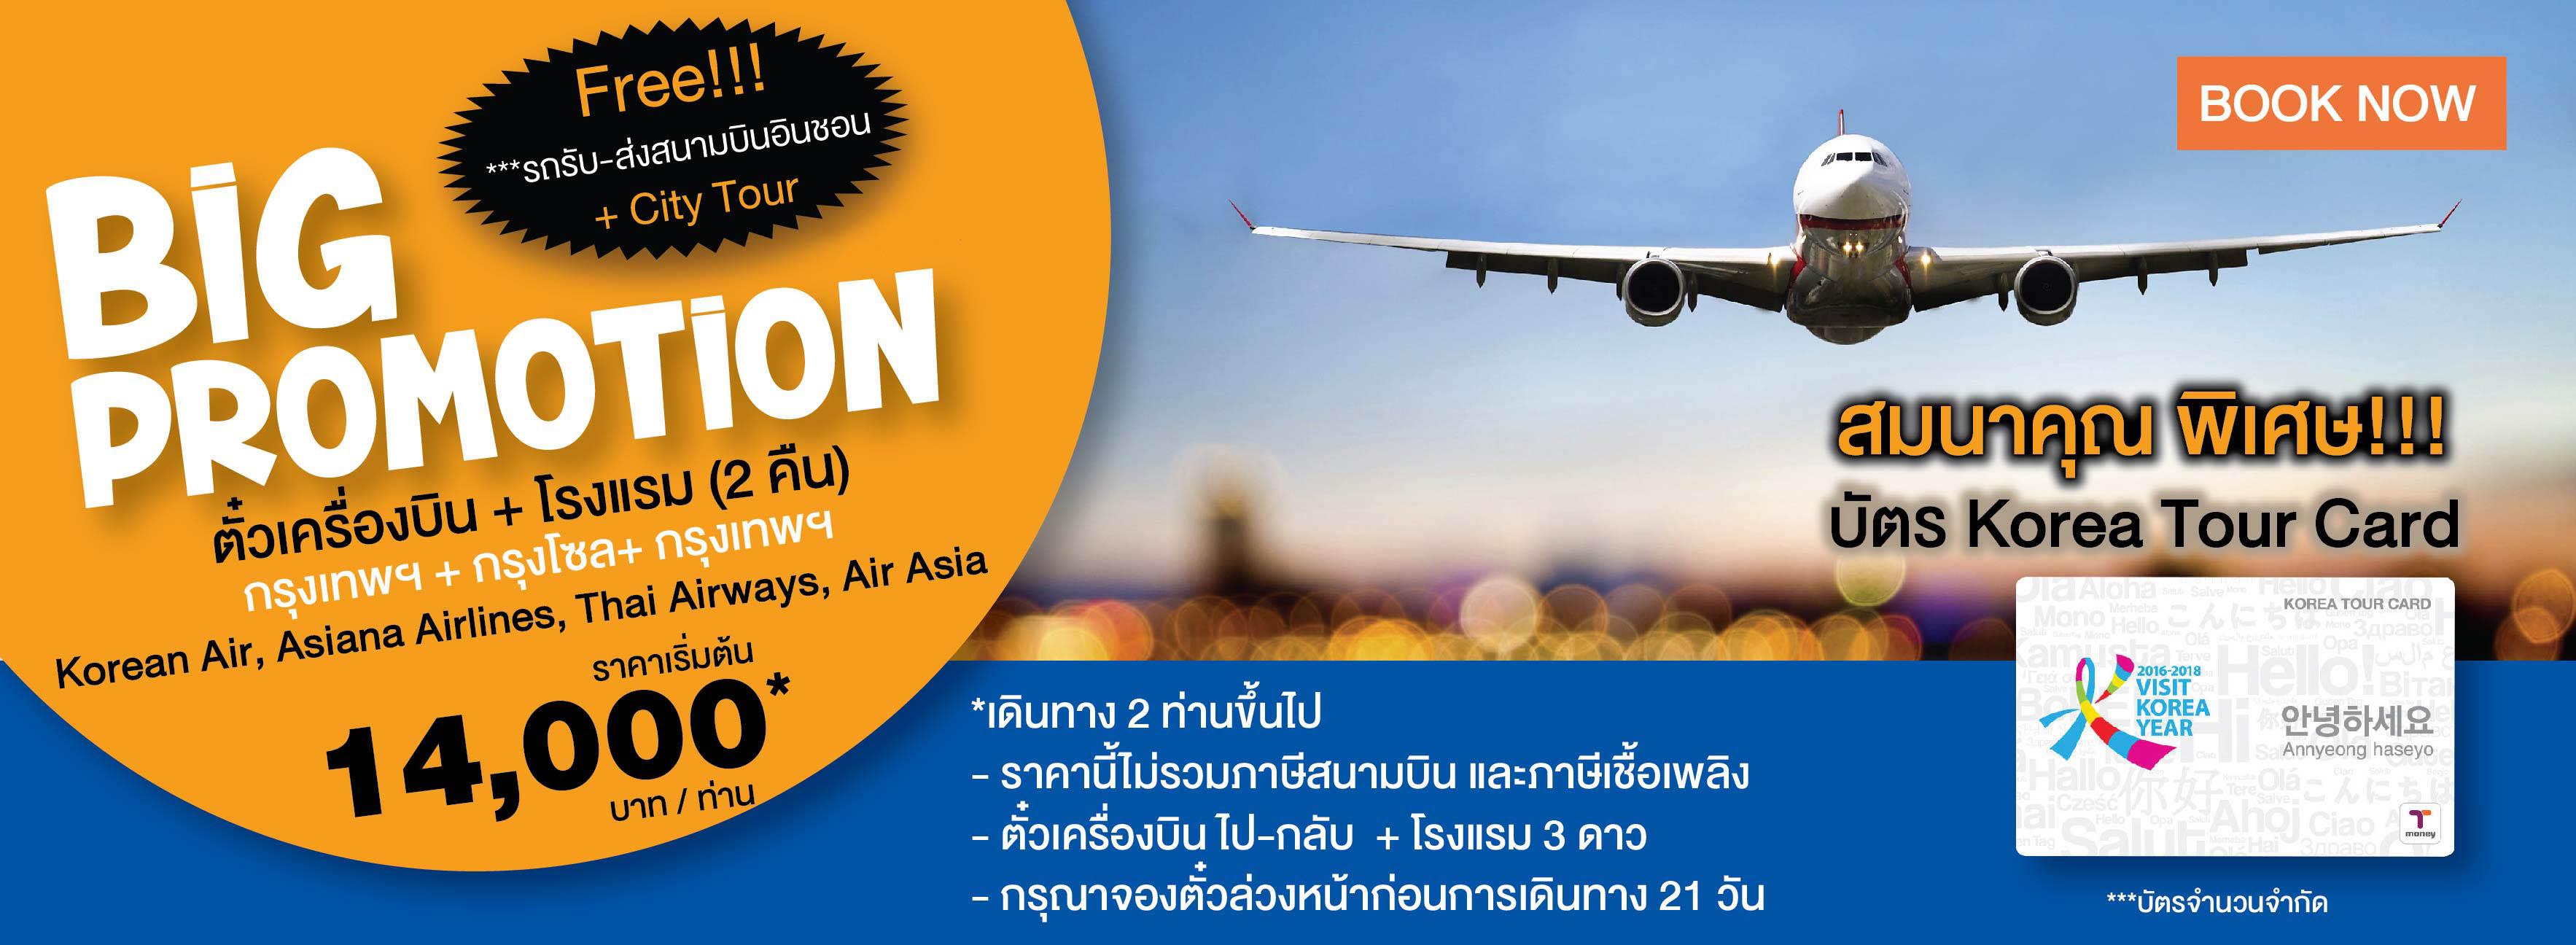 โปรโมชั่น Big Promotion เที่ยวเกาหลี ตั๋วเครื่องบิน + โรงแรม